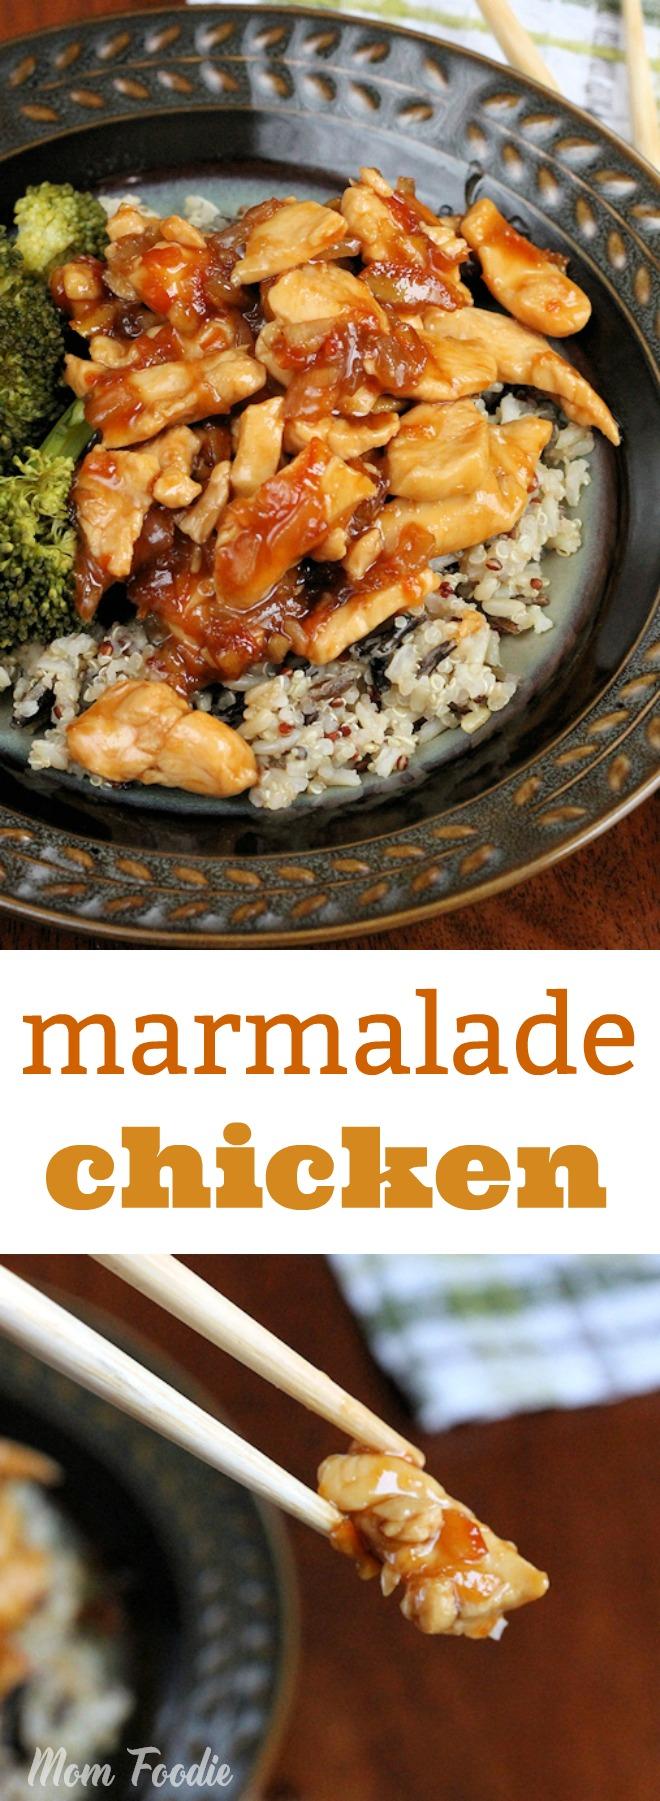 marmalade chicken recipe - easy dinner